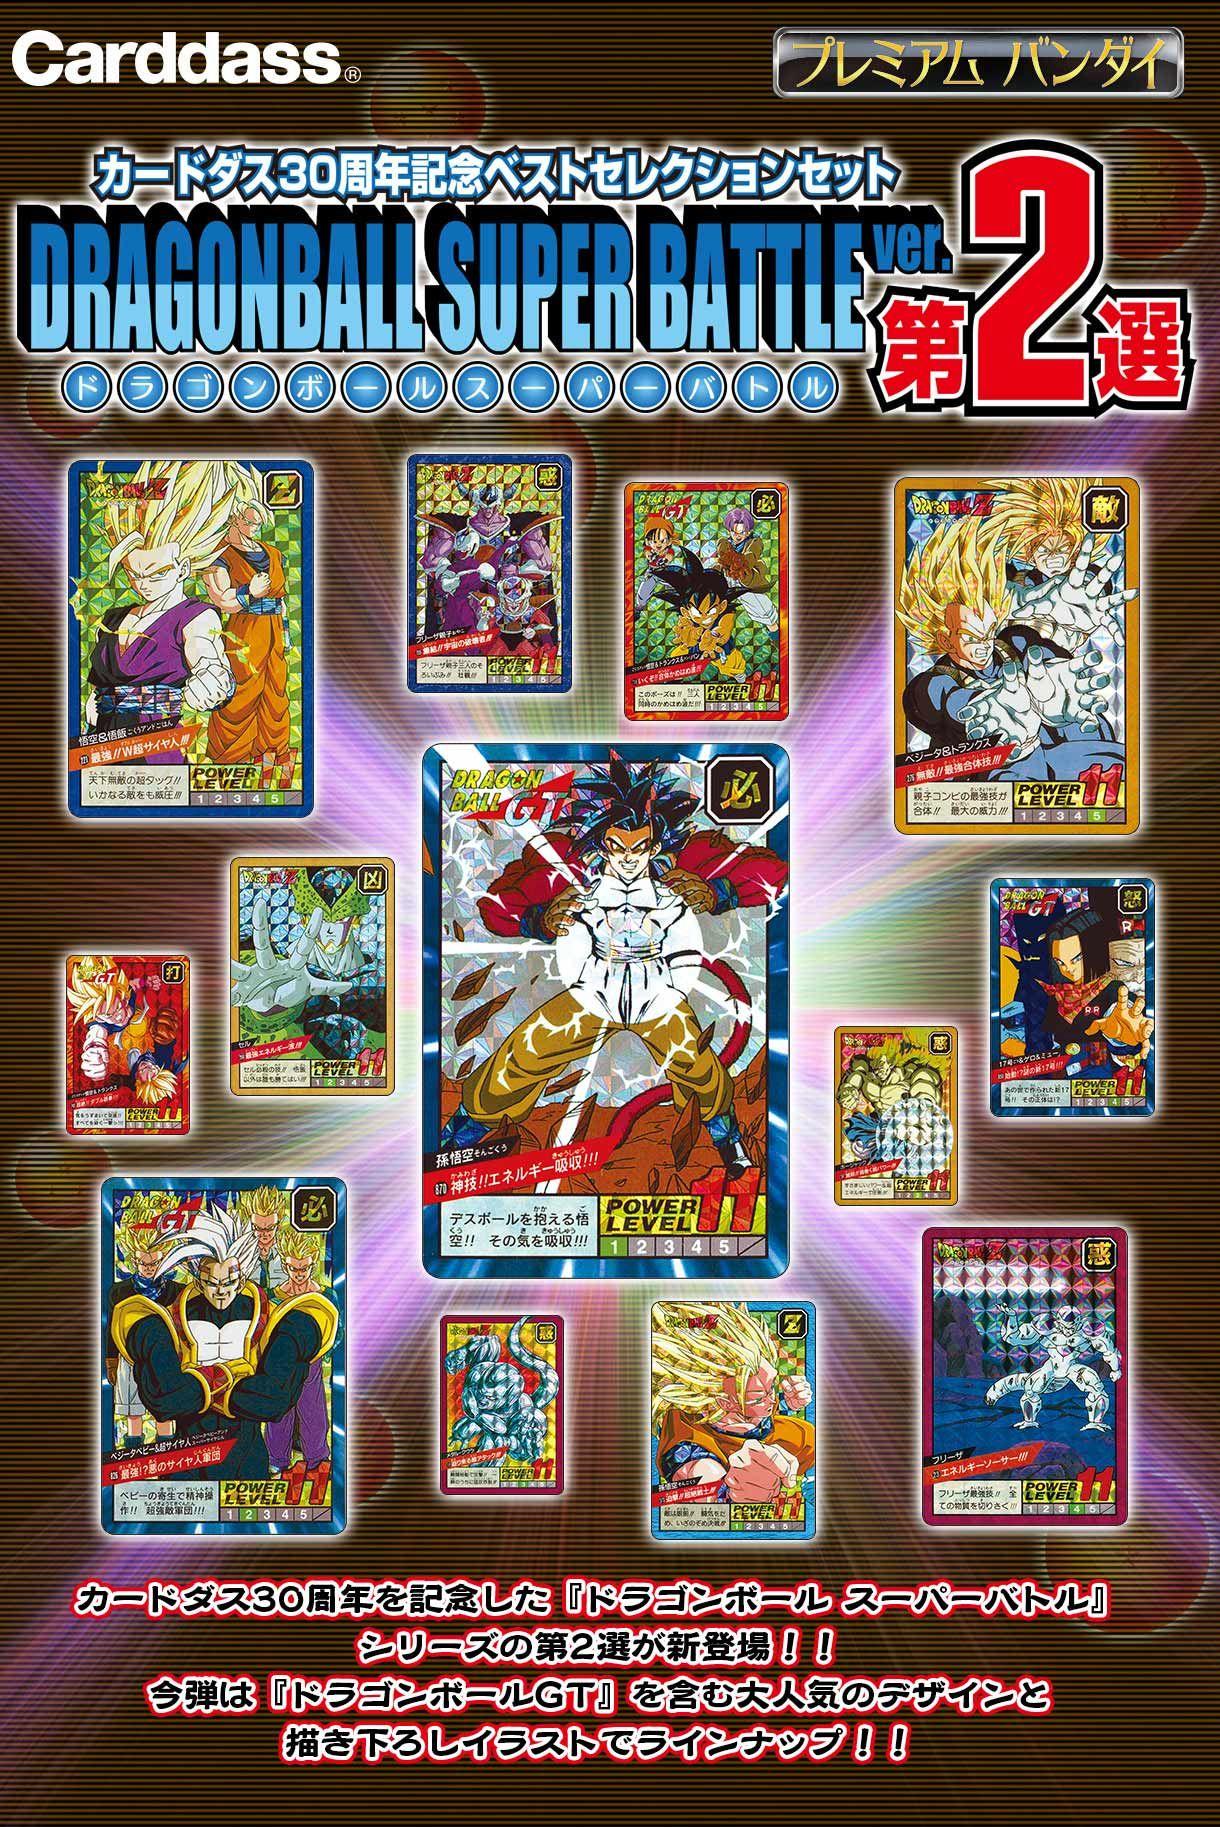 ドラゴンボール スーパーバトル第2選